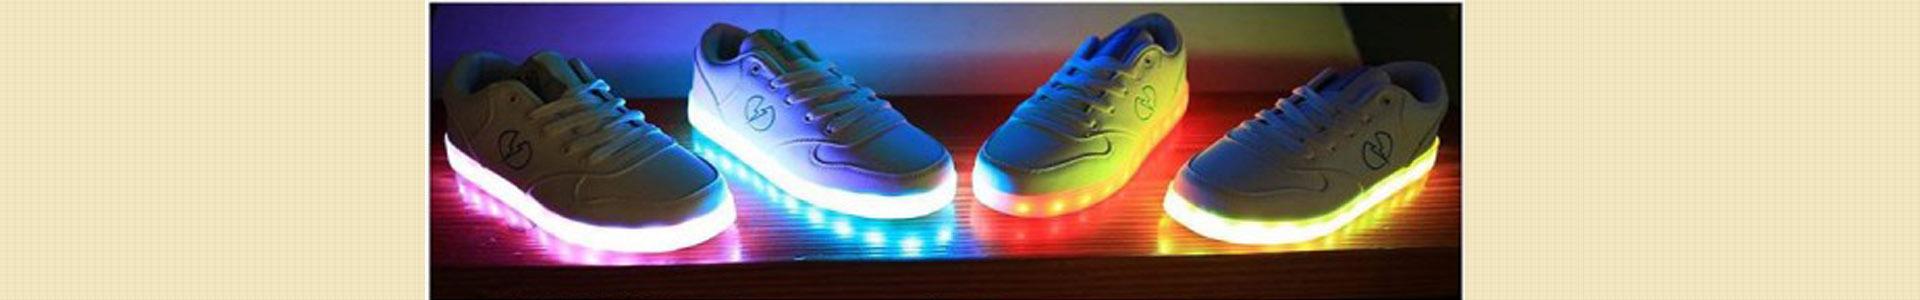 خرید کفش چراغ دار LED بچه گانه و بزرگسالان جشنواره مهر 100هزار